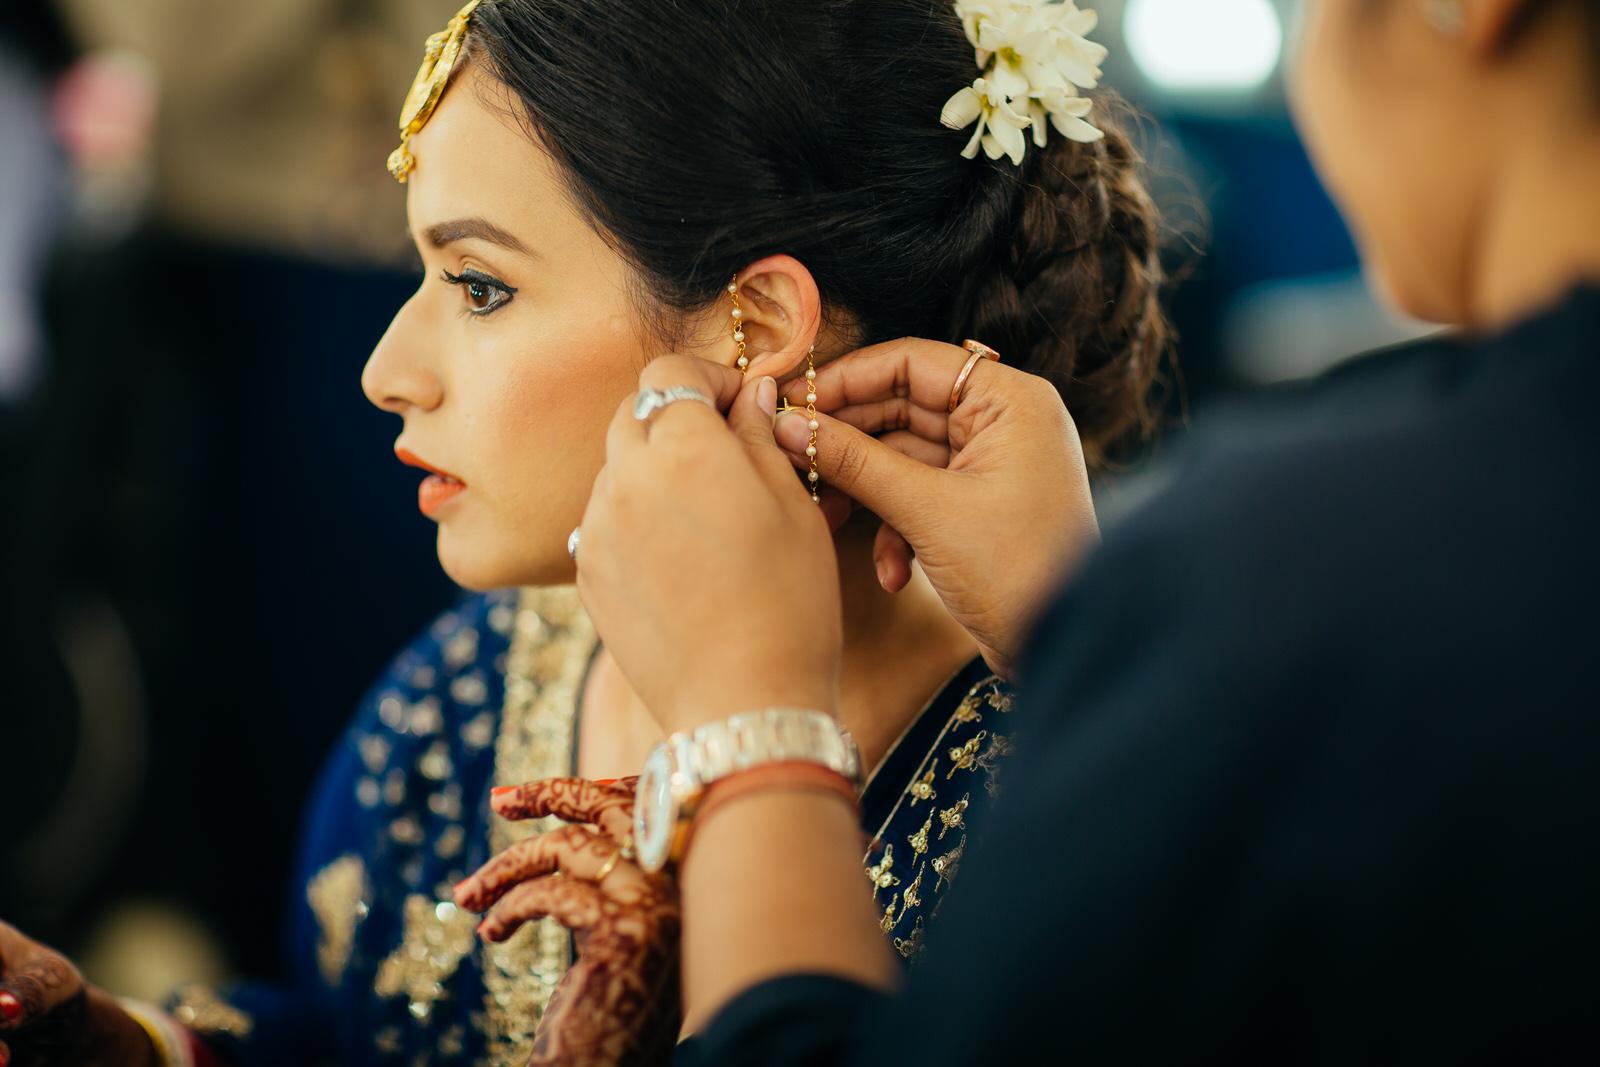 Hindu Night Wedding Day 2 - Camera 1-58.jpg